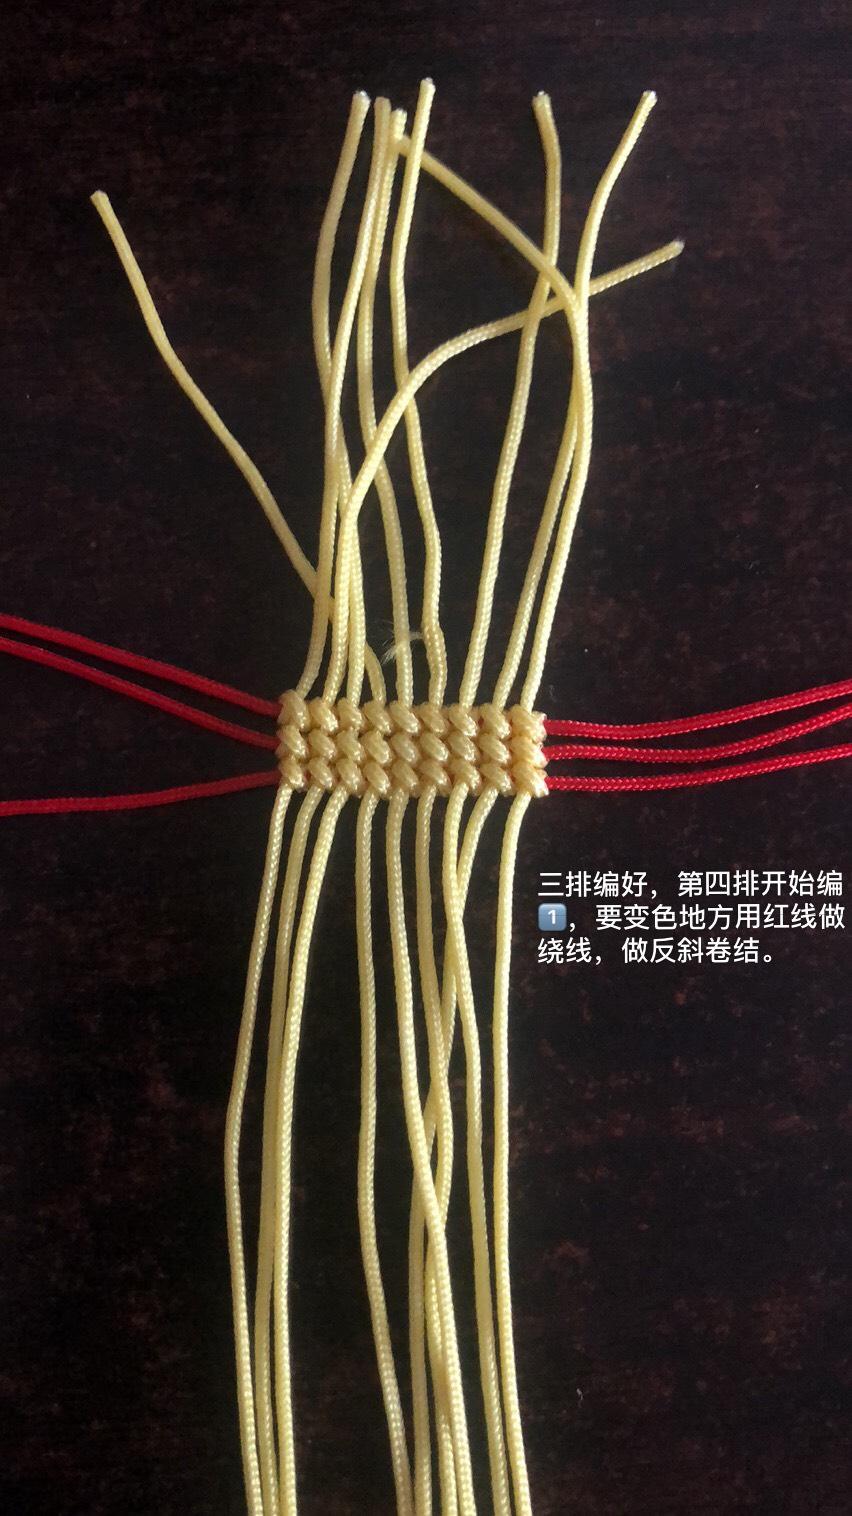 中国结论坛 塞子教程来了  图文教程区 155813mjmrrnwjnw53ujk2